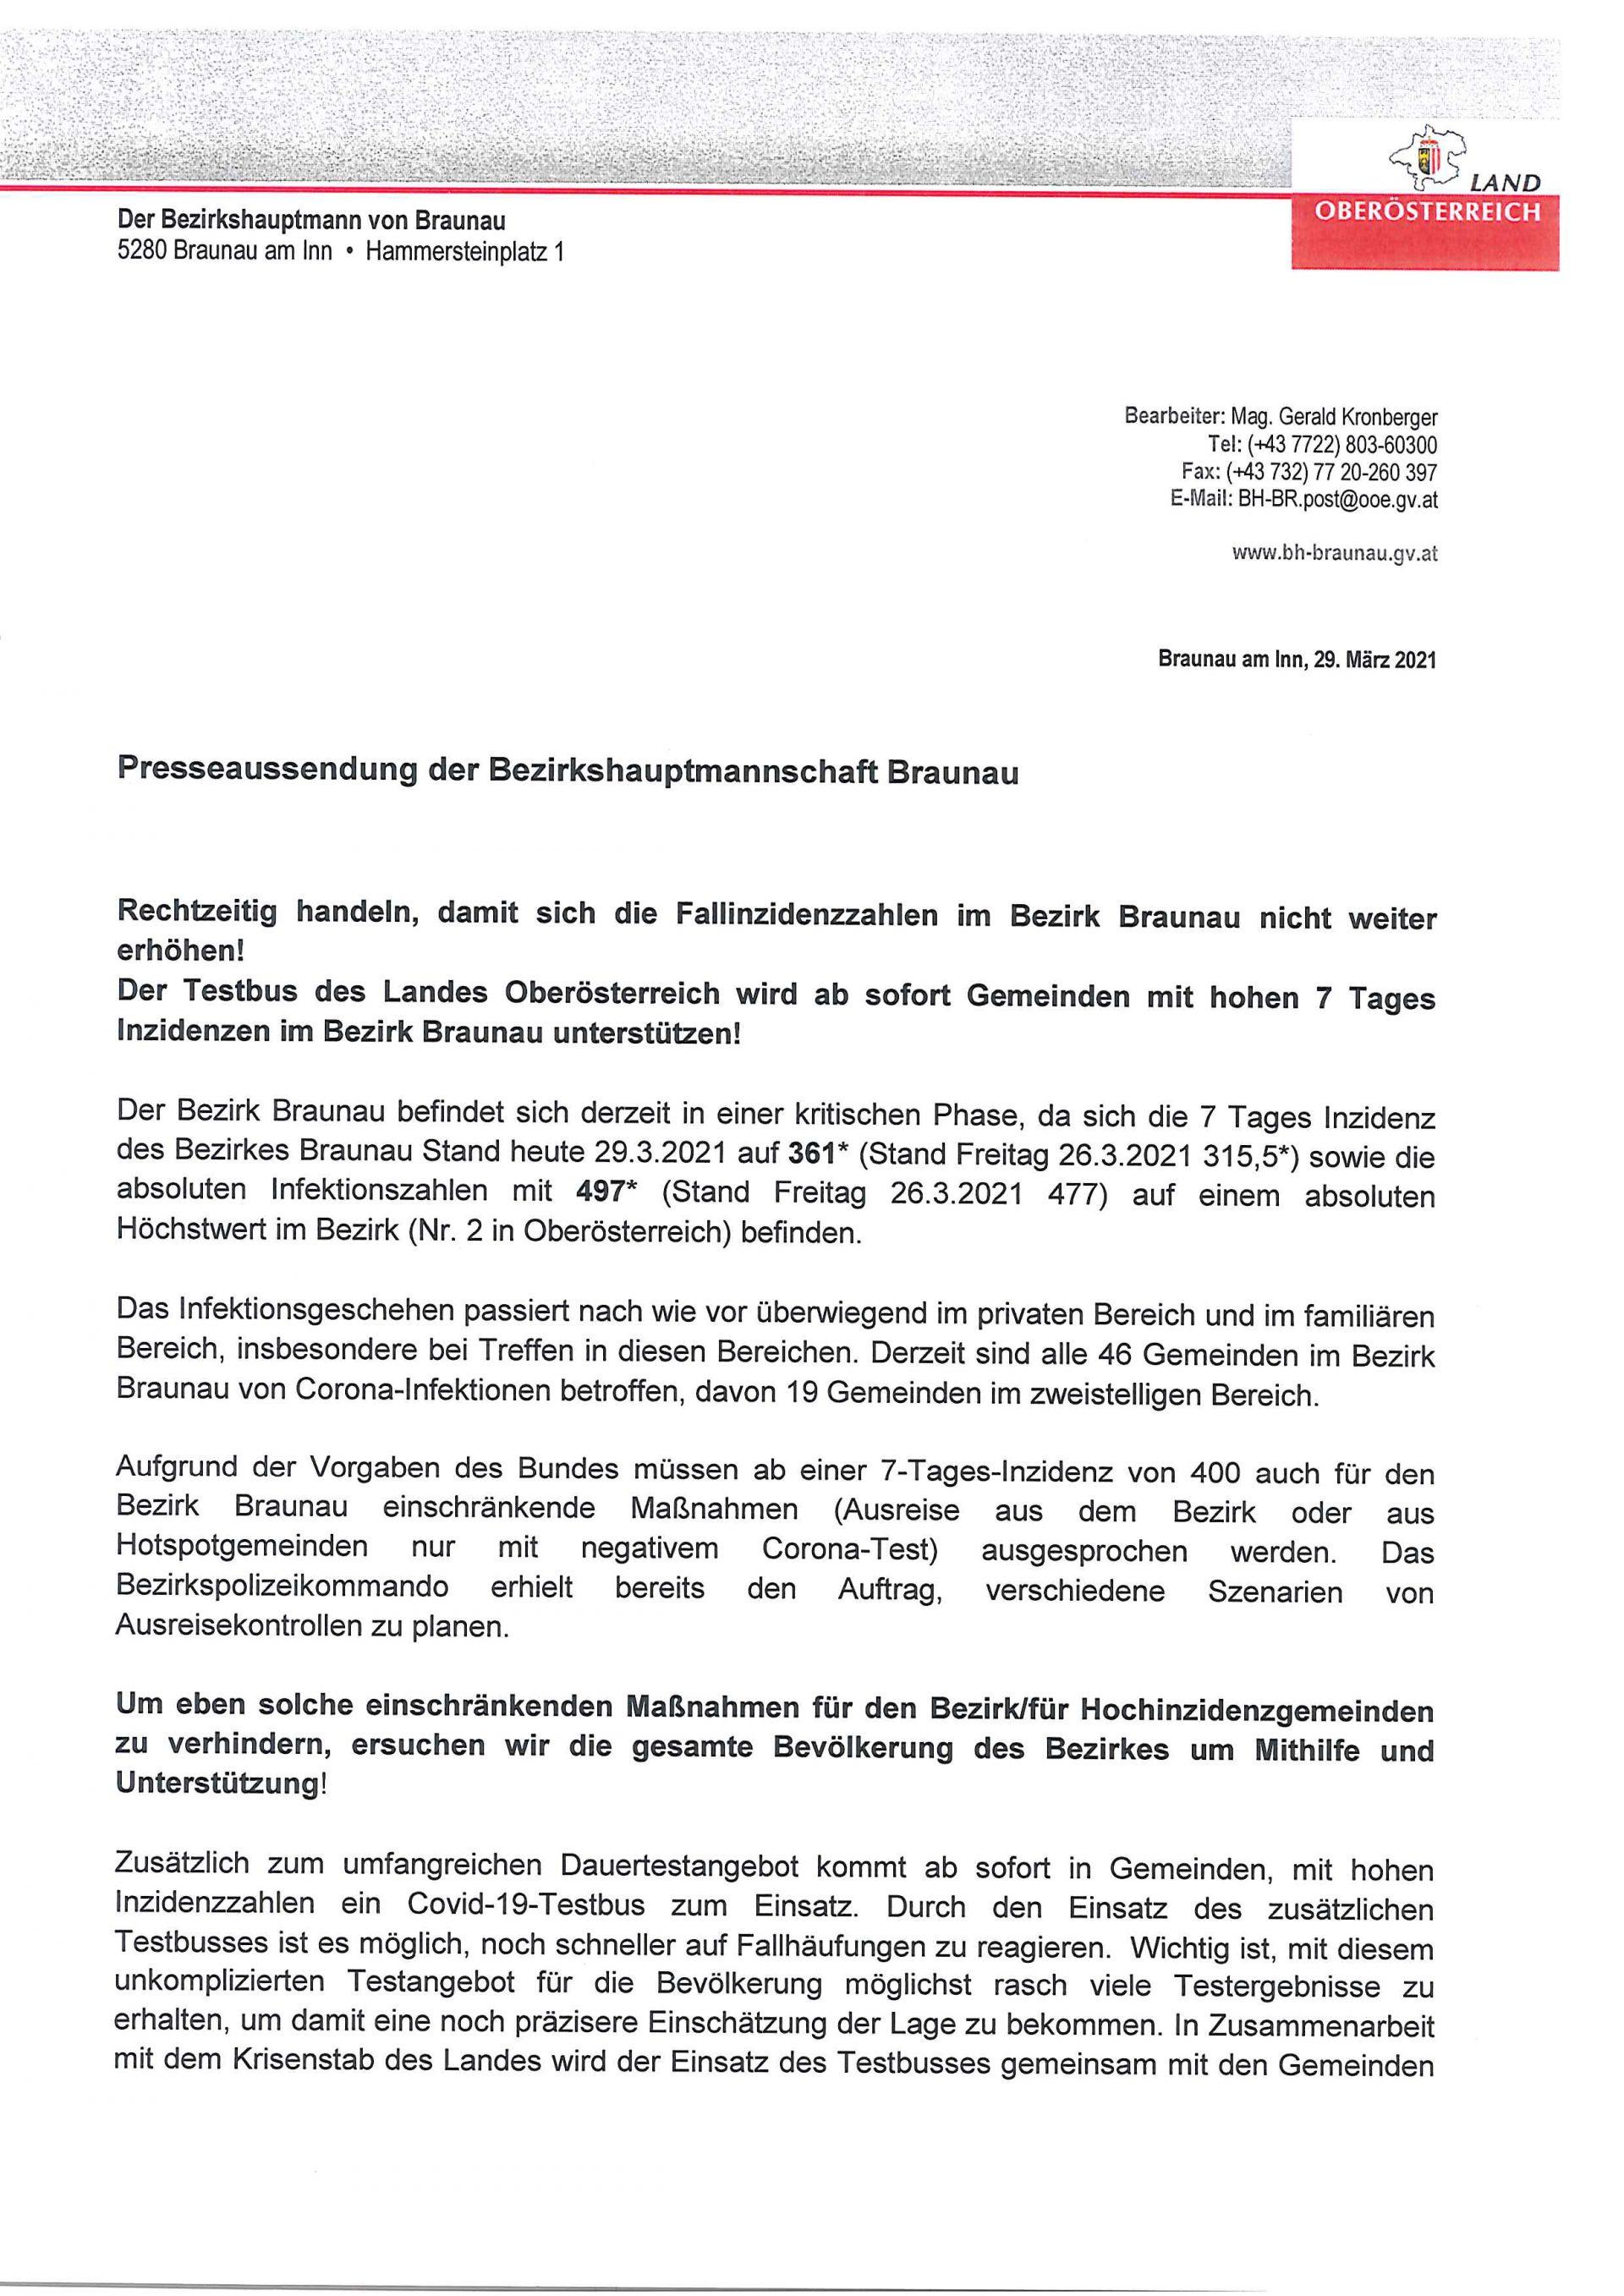 Dieses Bild zeigt eine Presseaussendung der BH Braunau.